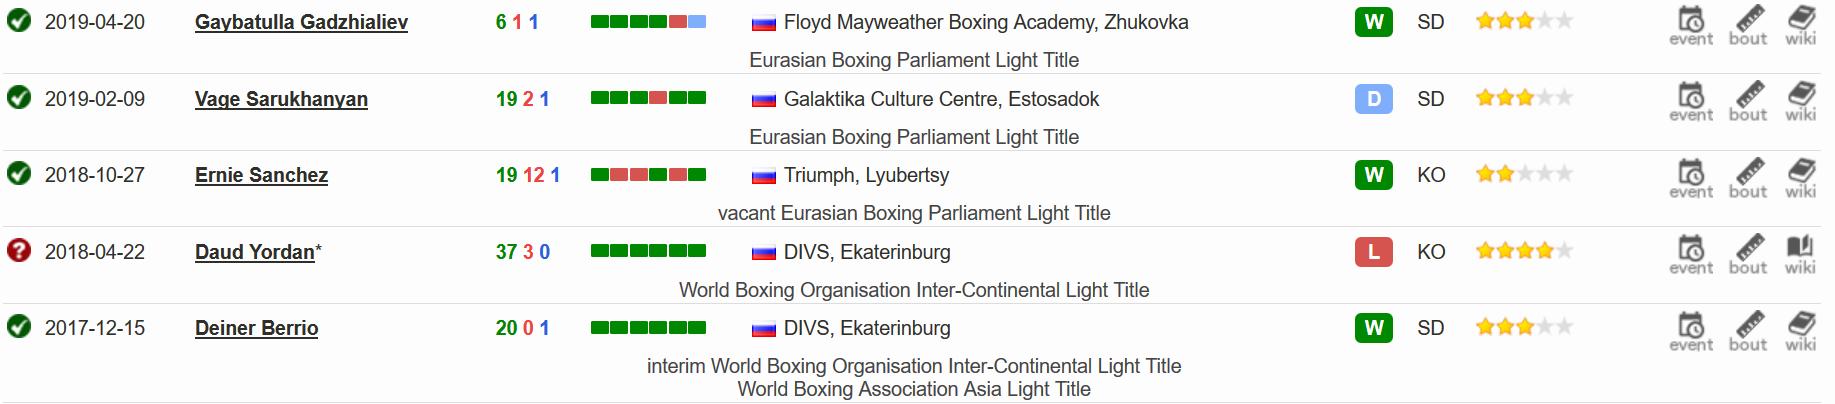 Поеследние 5 боев в боксерской карьере Павла Маликова